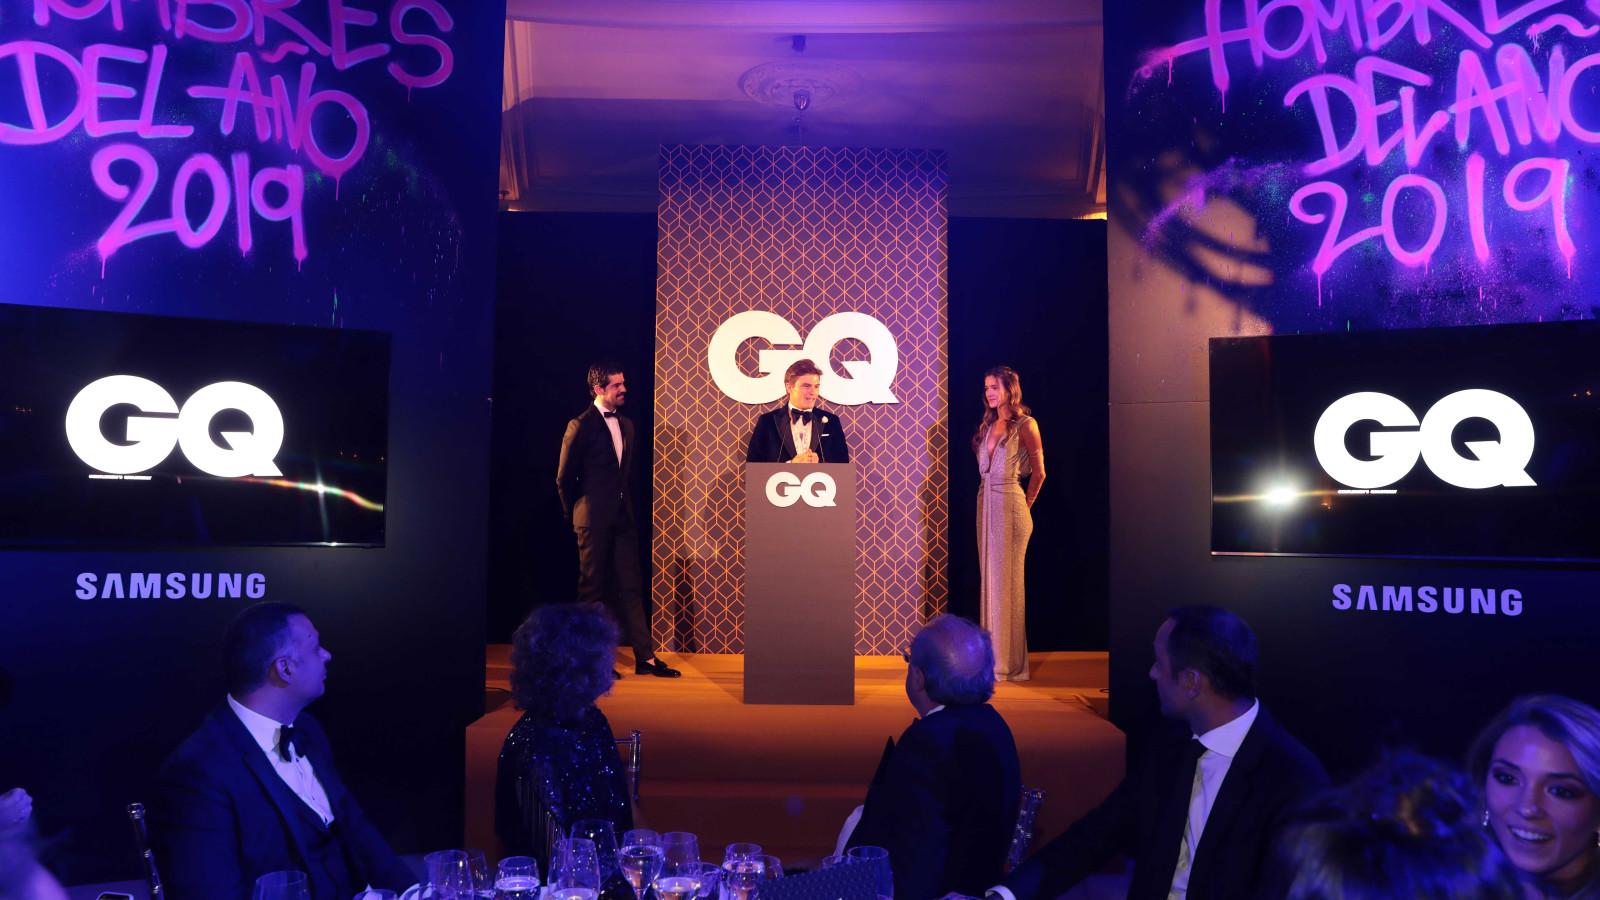 GQMOTY 04---Verena-Bustillo---Spain---GQ-MOTY-small